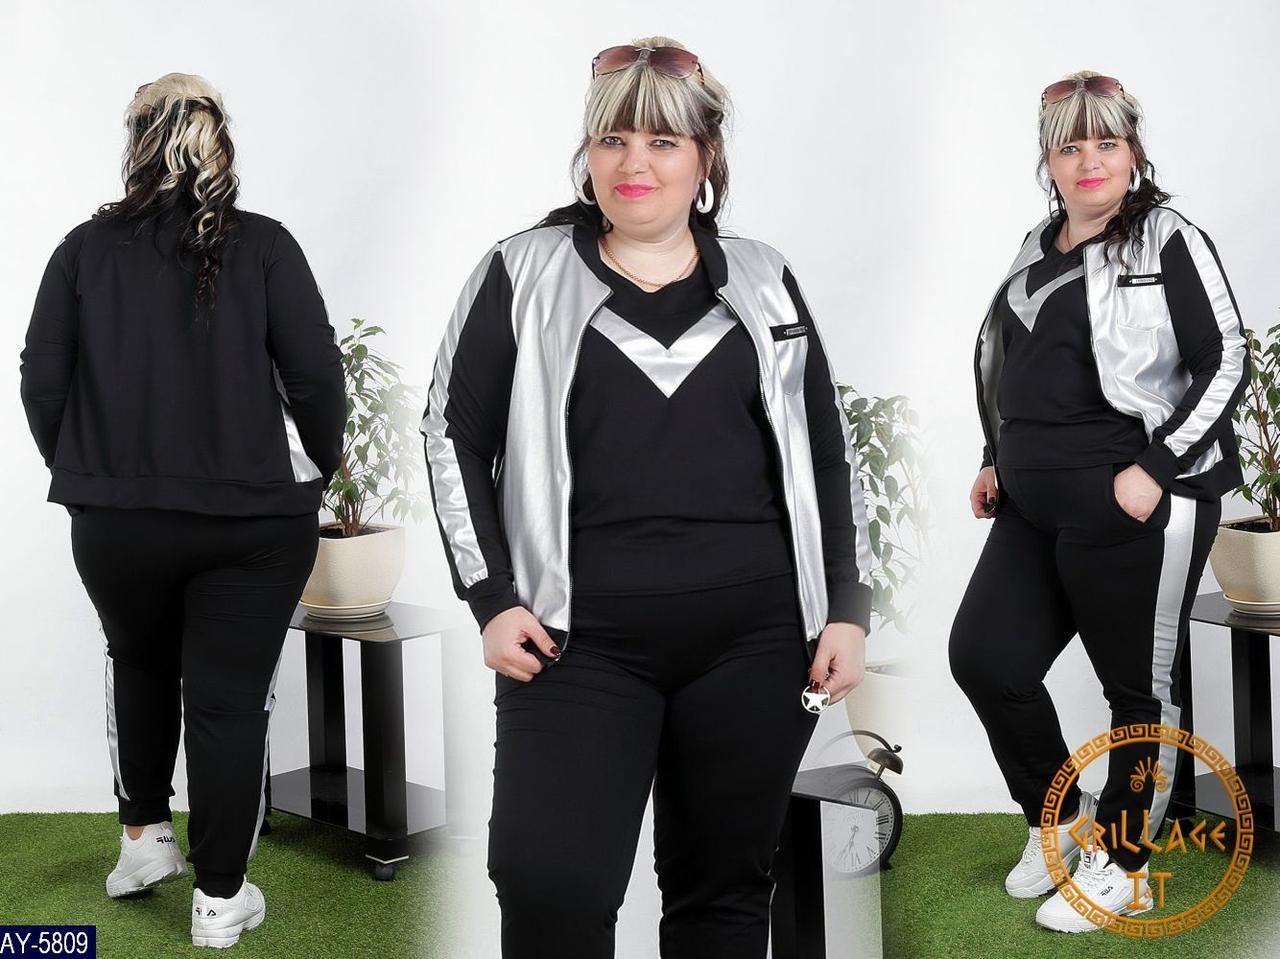 Спортивный костюм женский тройка весенний двунить батал 48-50 50-52 52-54 размер Новинка есть цвета